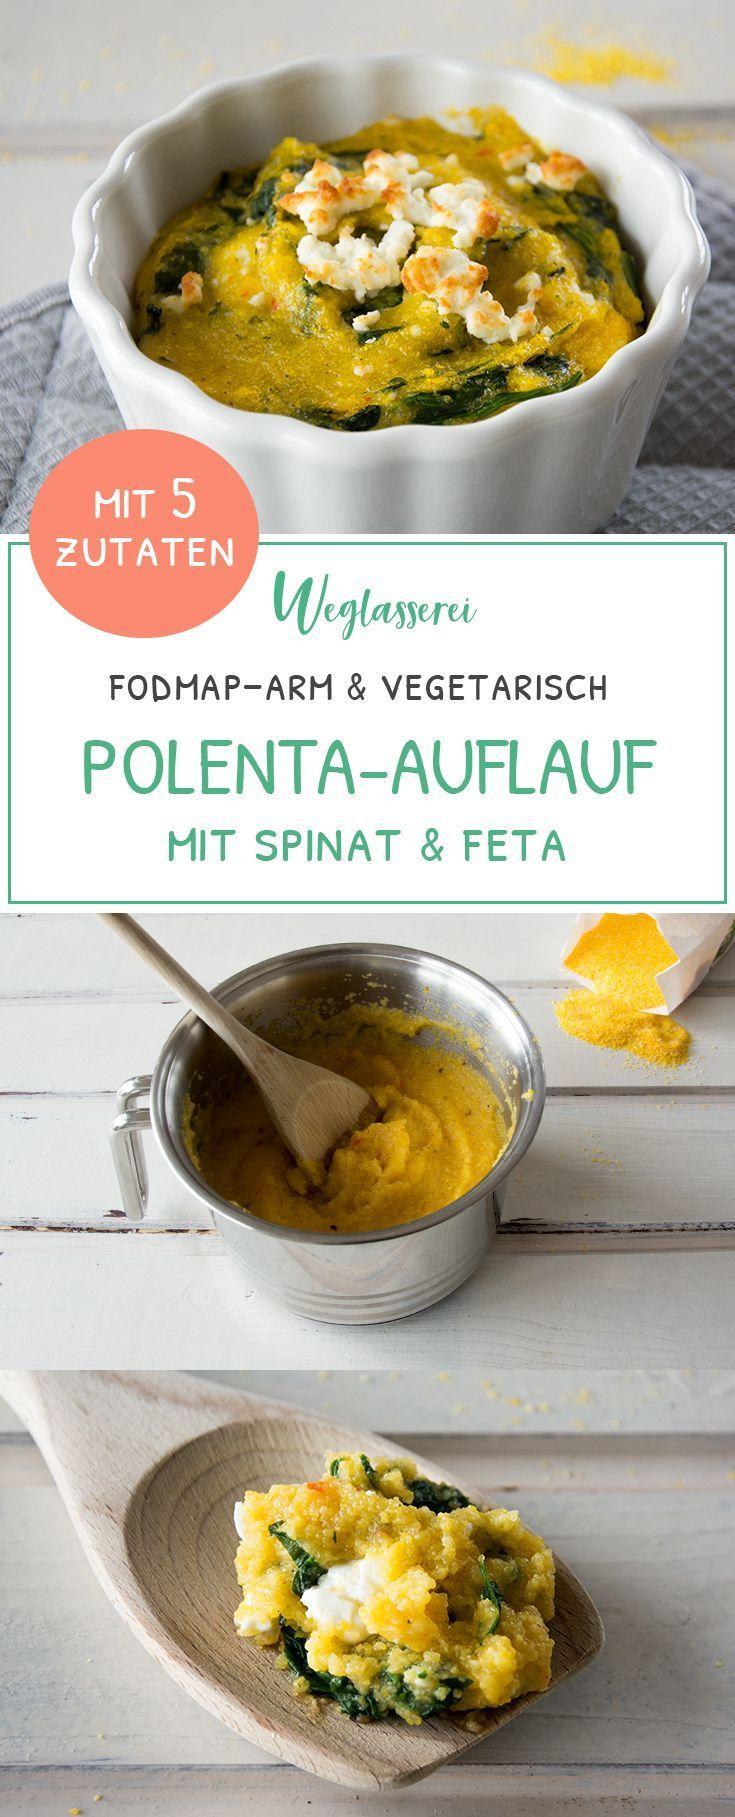 Polentaauflauf mit Spinat und Feta